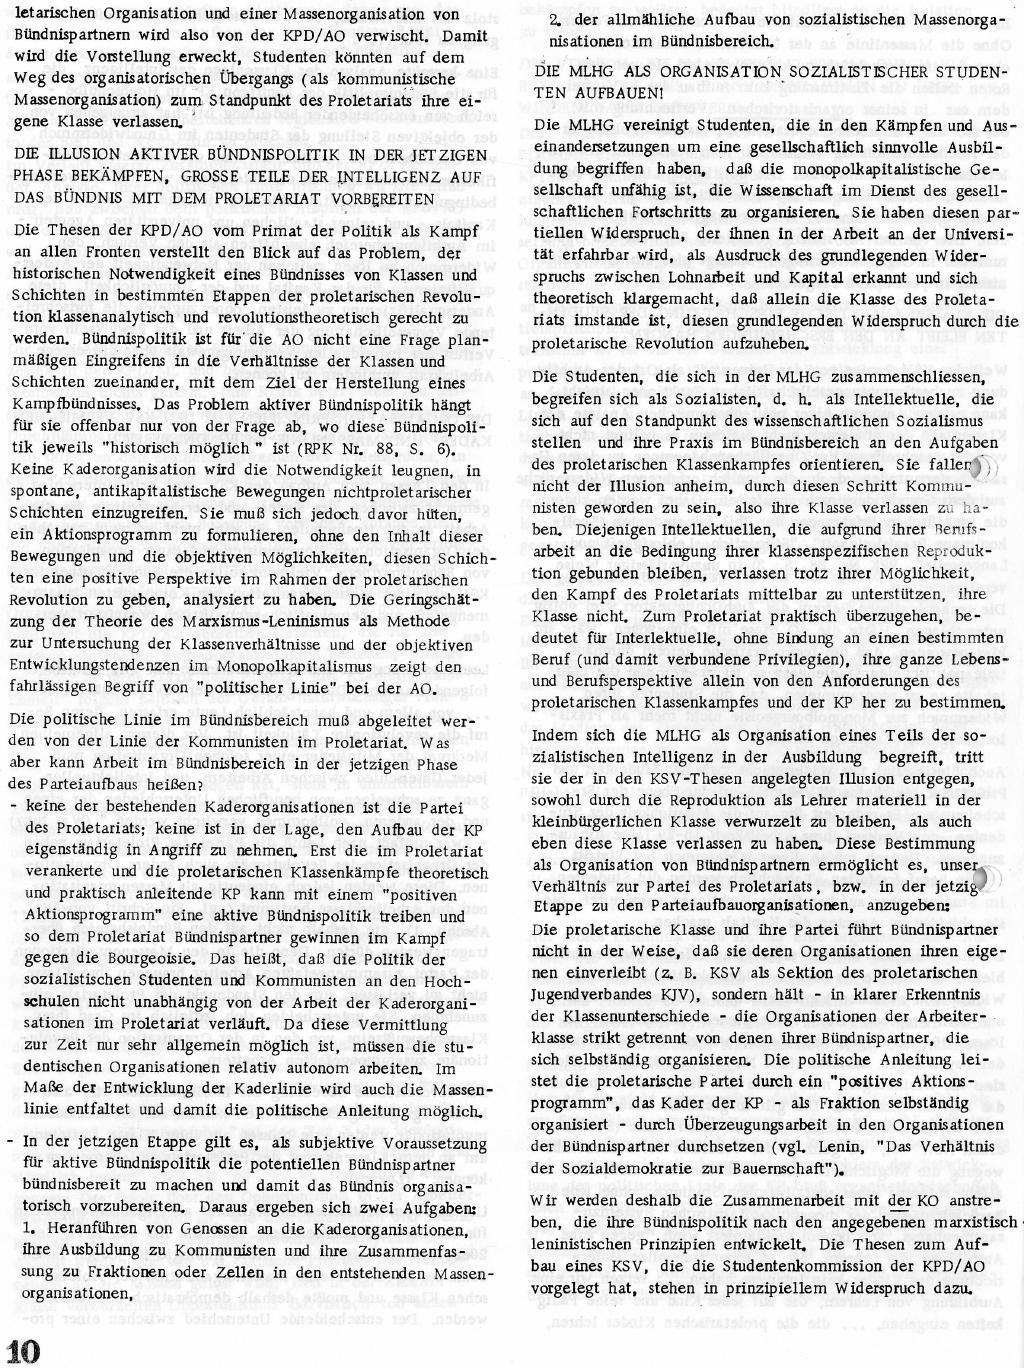 RPK_1970_093_10